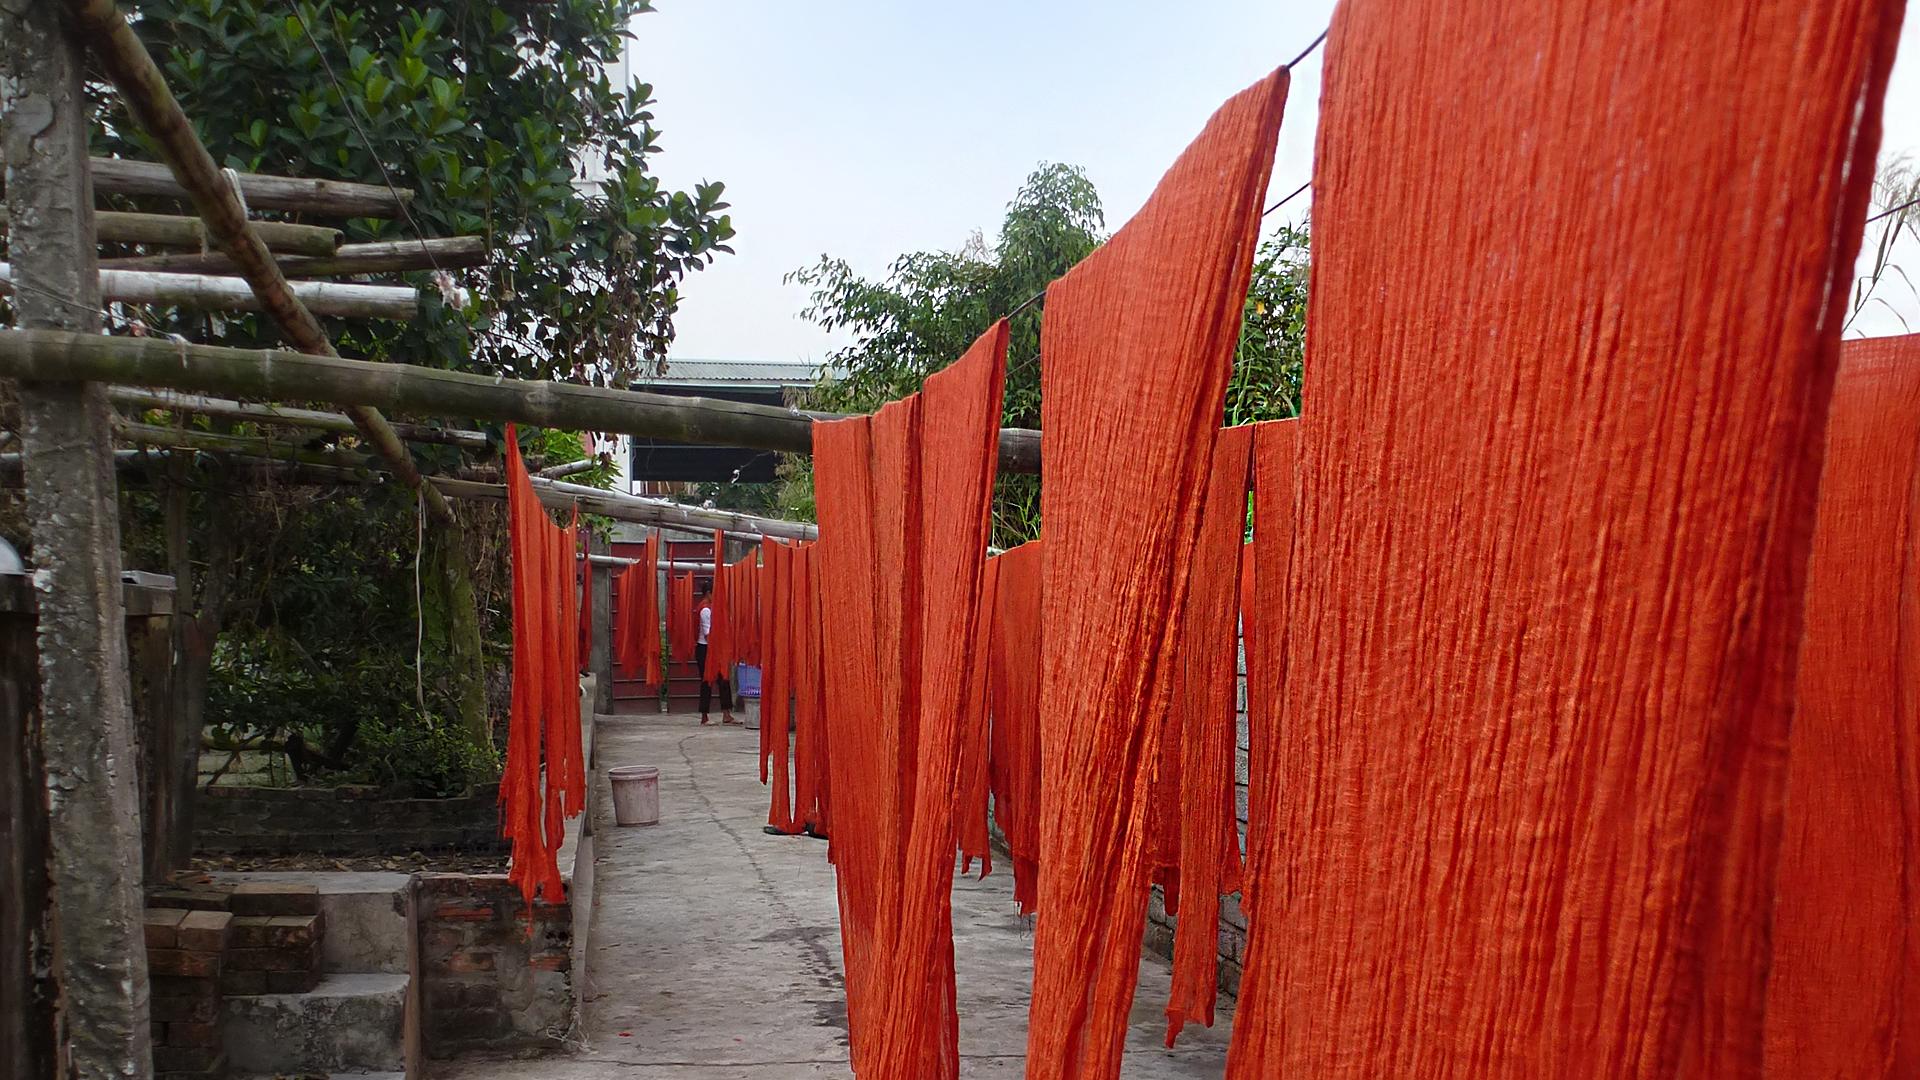 Die GEPA finanziert Labortests, zum Beispiel auf AZO-Farben und PCP. Die Ergebnisse können unsere Partner kostenfrei nutzen, um ihre Produkte generell zu vermarkten. Außerdem stellen wir Hilfsmittel wie den international einheitlichen Pantone-Textilfarbfächer zur Verfügung.